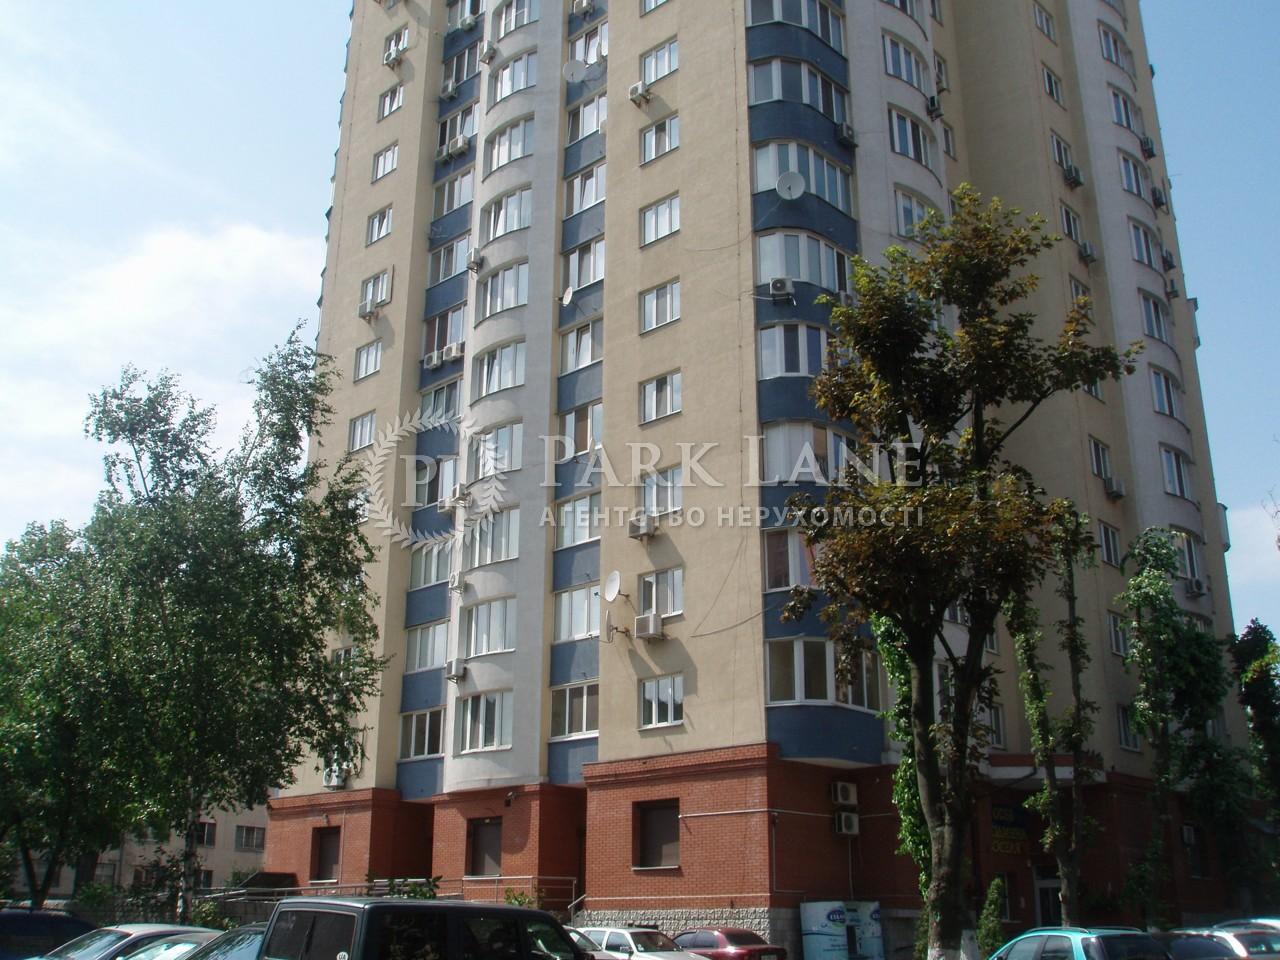 Квартира вул. Ніжинська, 5, Київ, A-90325 - Фото 3